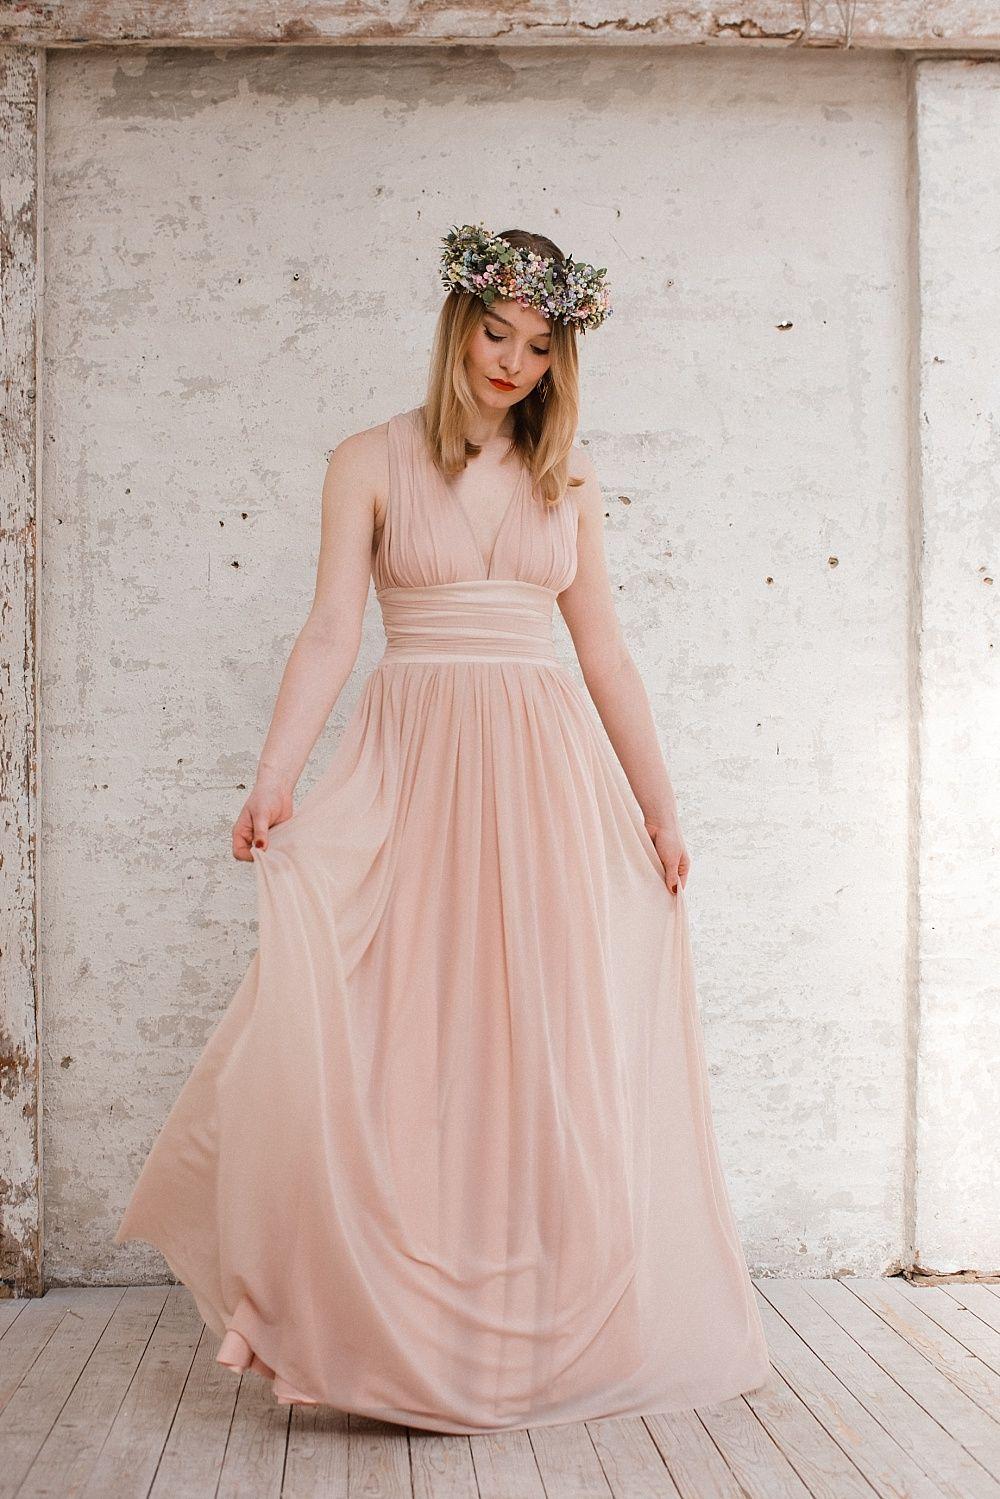 Kleider Fur Die Trauzeugin Und Braut Die Sommerkollektion Von Aveeva Trauzeugin Und Braut Kleider Fur Trauzeugin Trauzeugin Kleid